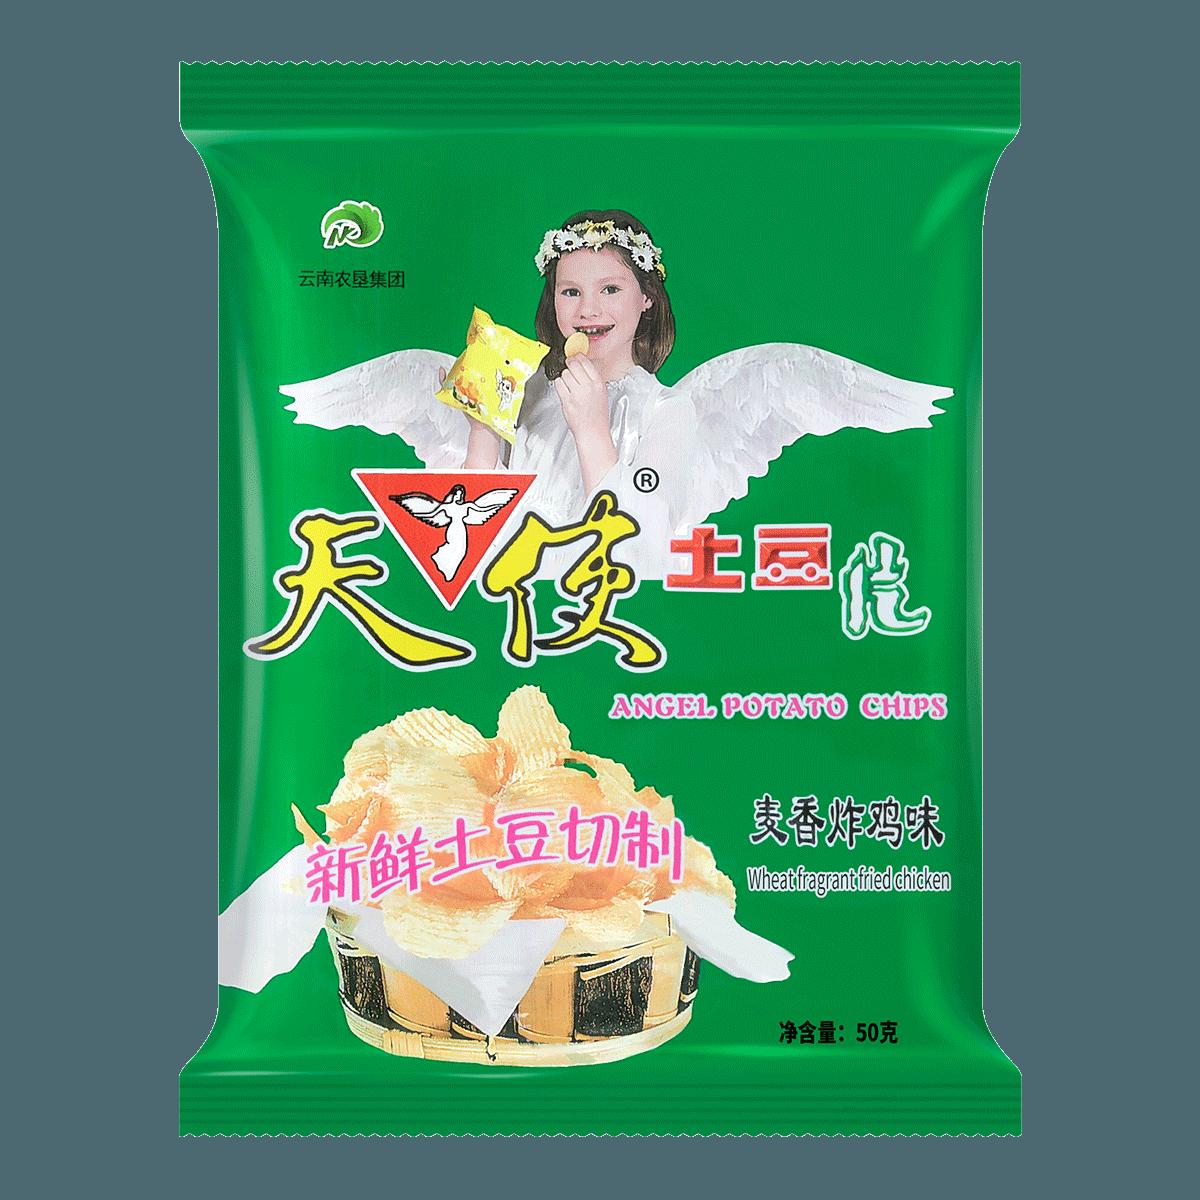 天使 土豆片 麦香炸鸡味 50g